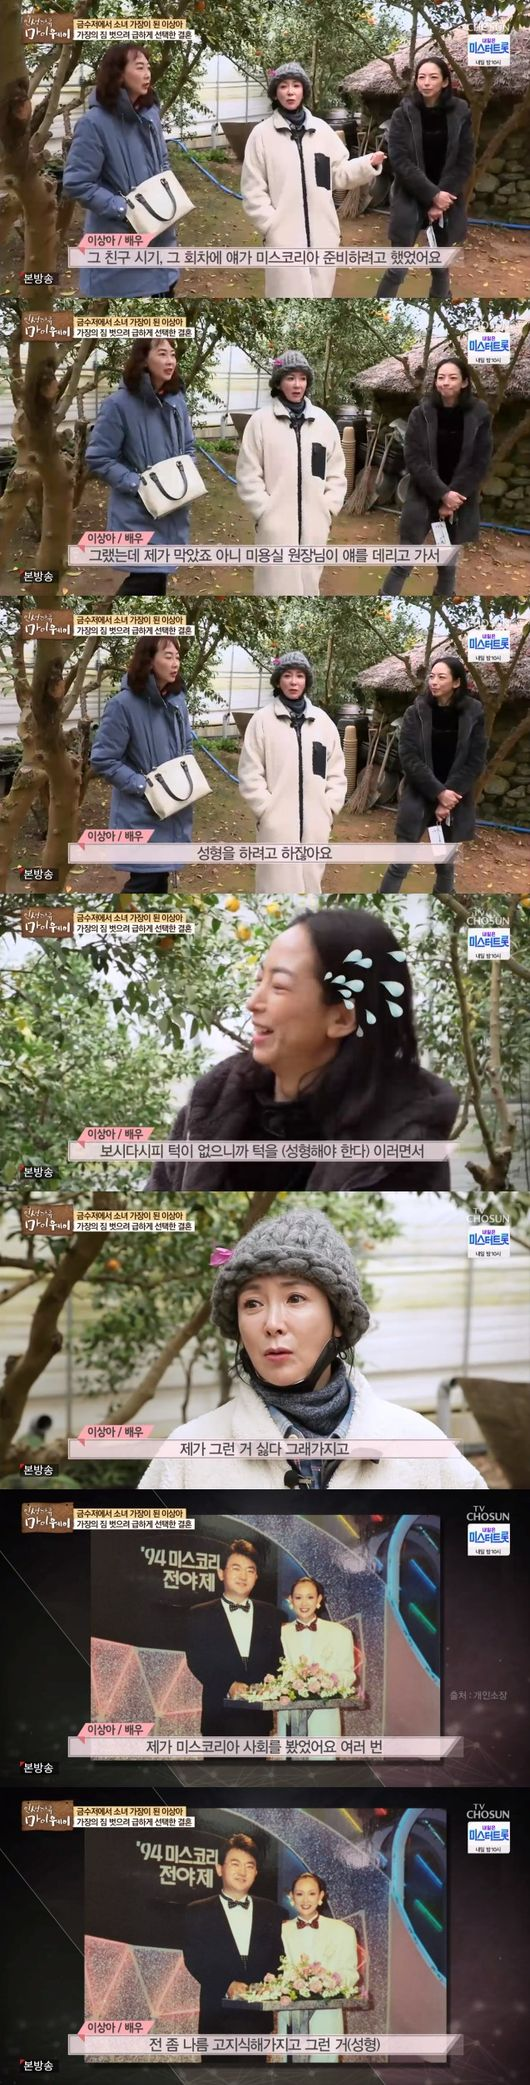 '마이웨이' 이상아, 미스코리아 할 뻔 했던 미모의 동생 등장, 결국 대회 못나간 이유 [어저께TV]